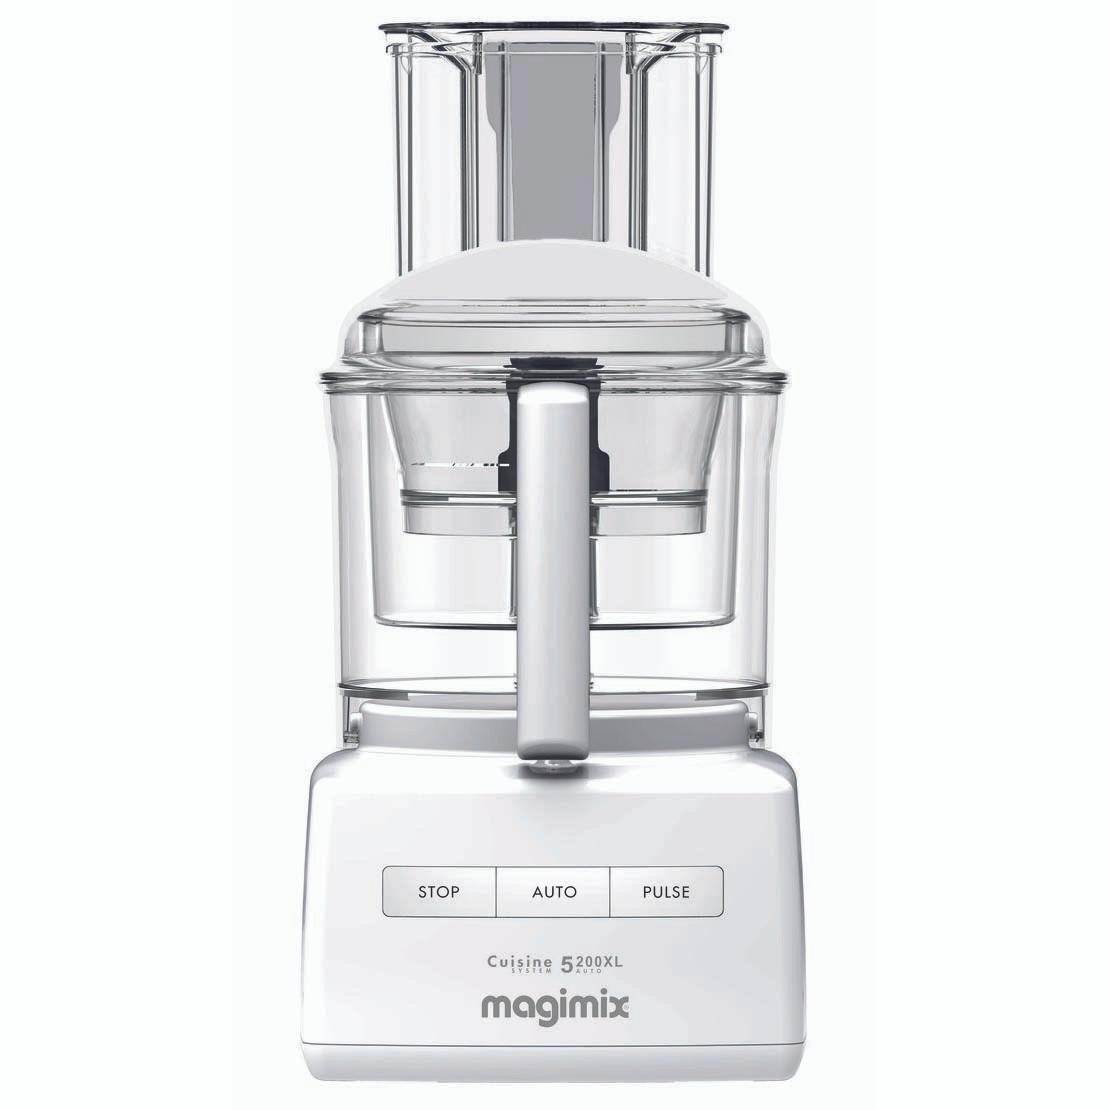 Magimix 5200 XL Premium in White